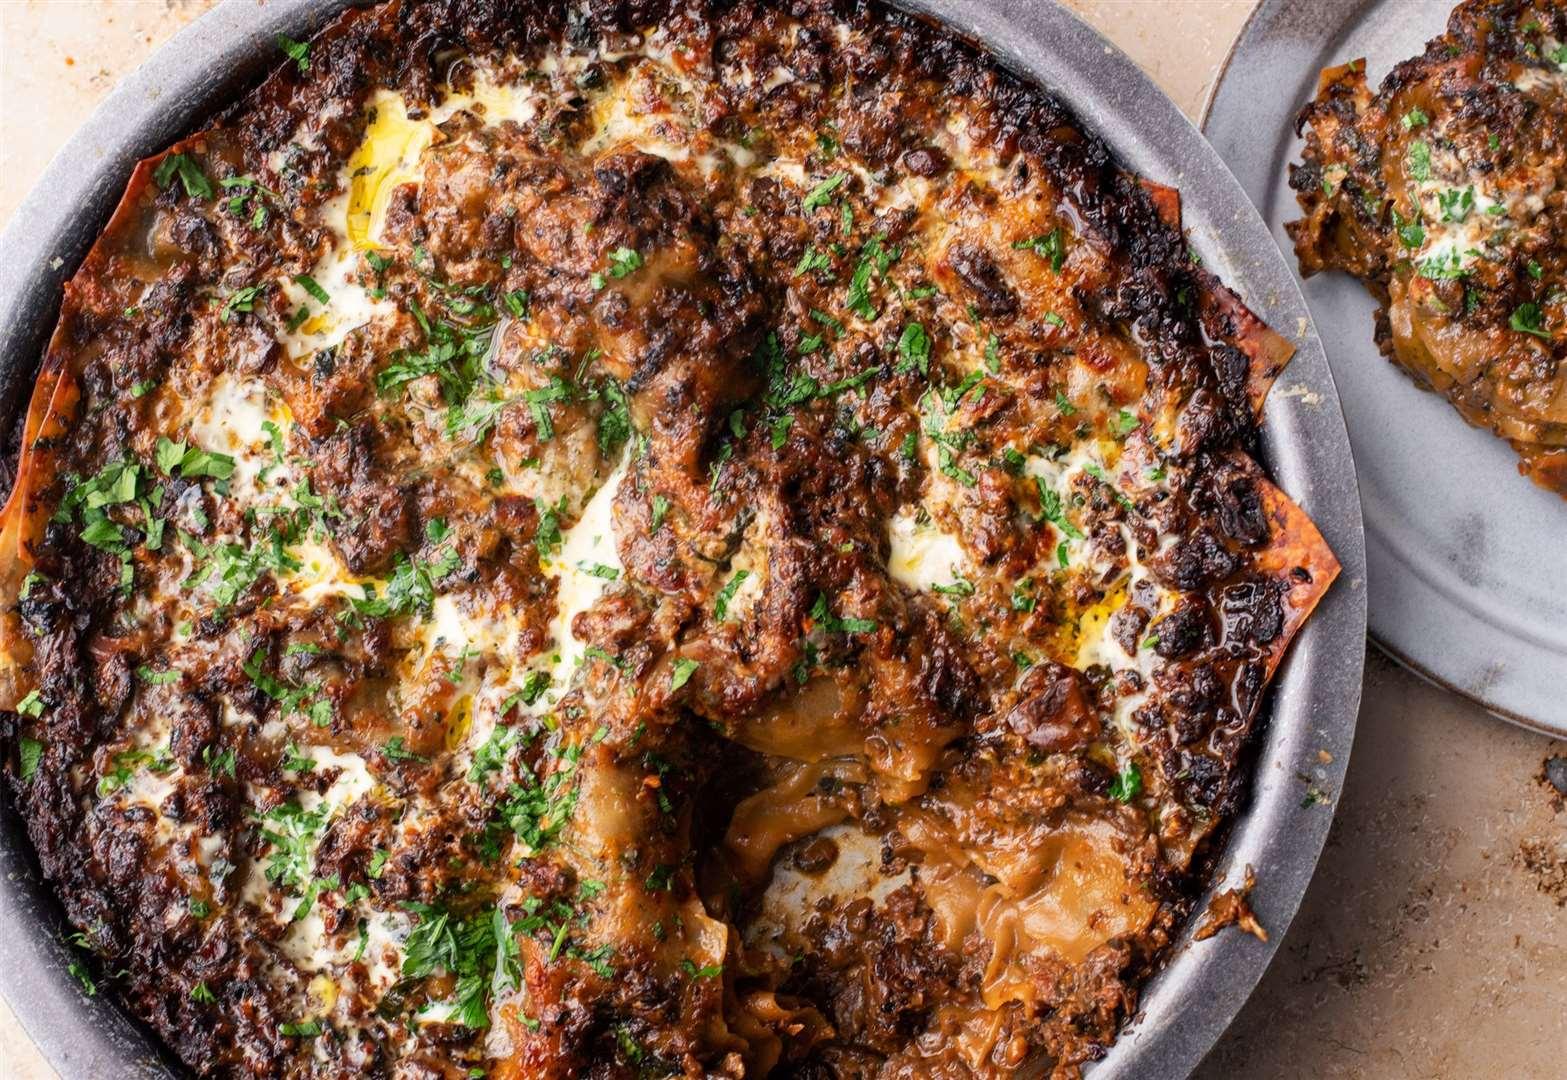 Recipe of the week: Spicy mushroom lasagne